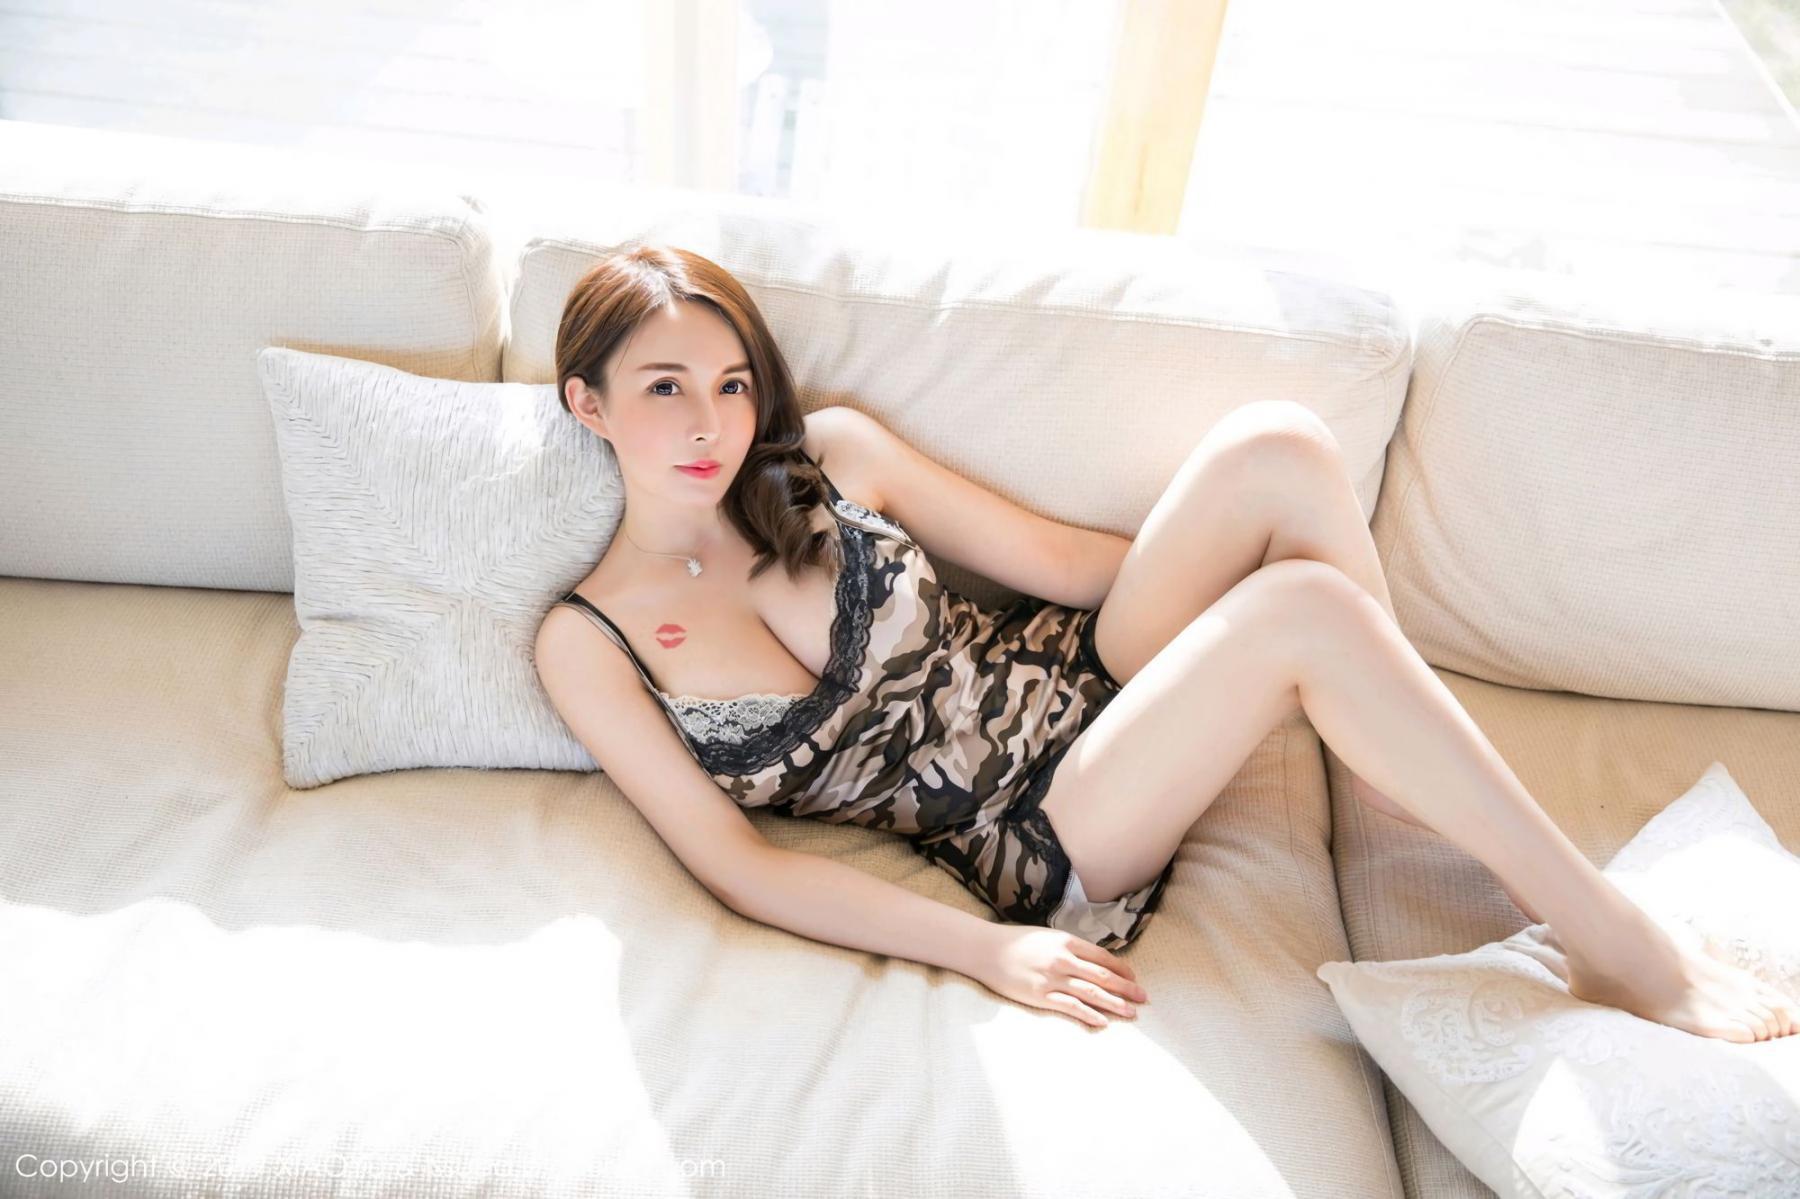 [XiaoYu] Vol.137 Shen Mi Tao 41P, Kimono, Shen Mi Tao, Underwear, XiaoYu